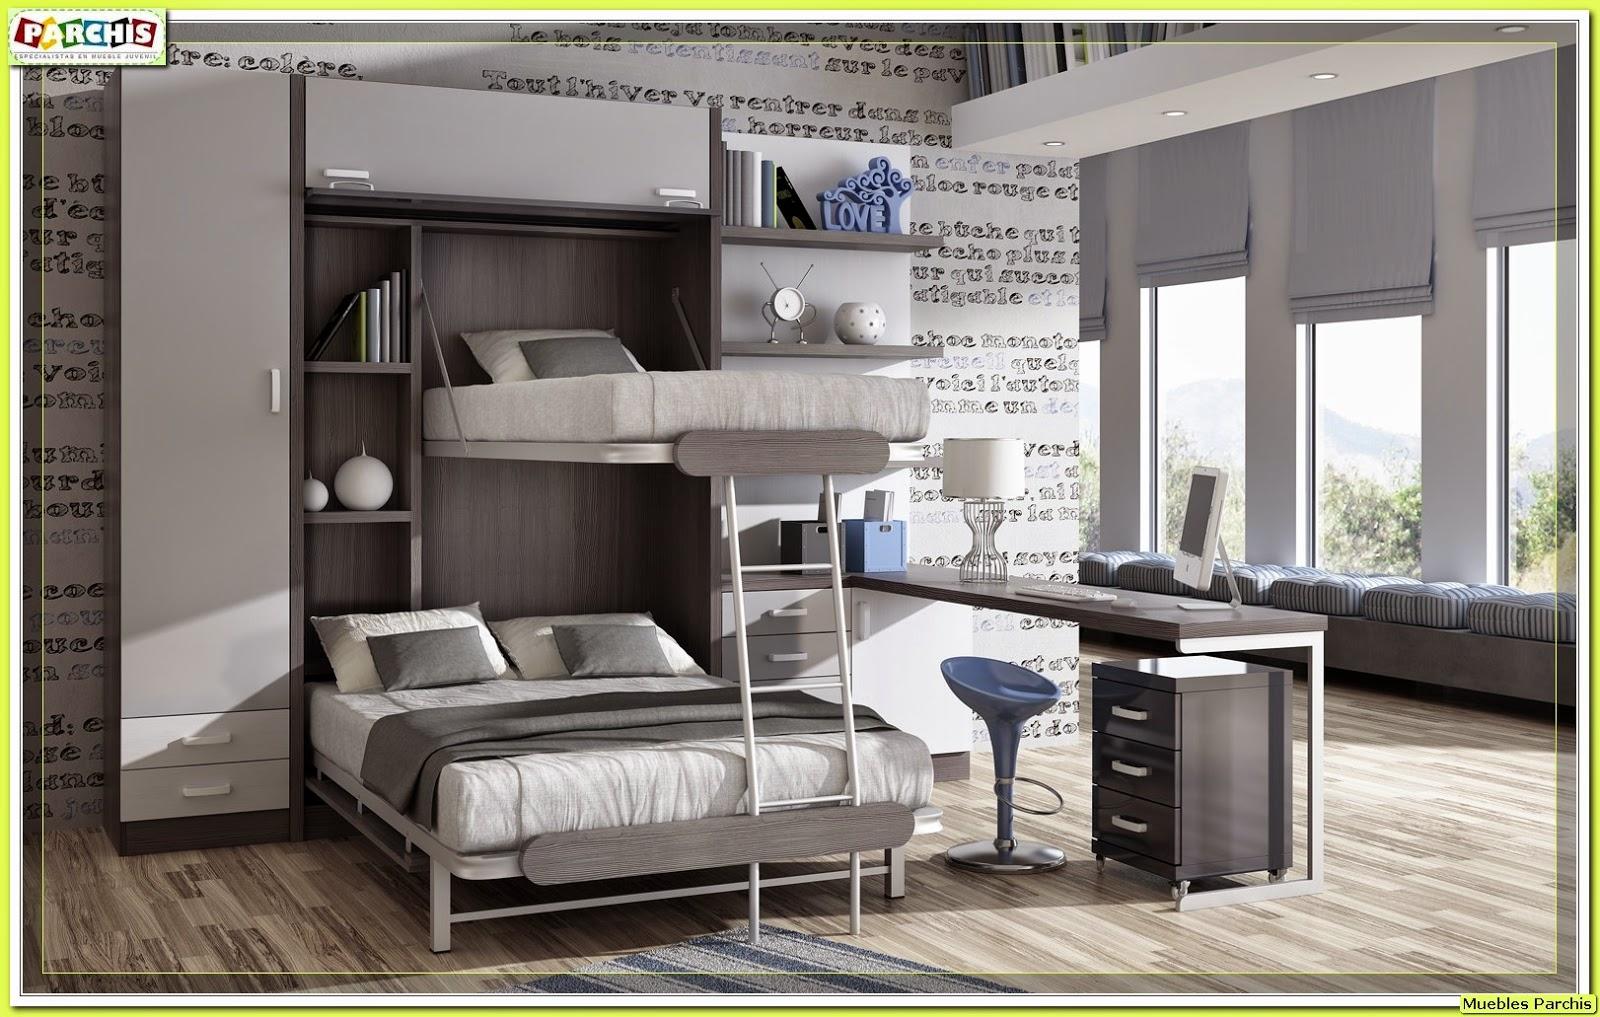 Muebles juveniles dormitorios infantiles y habitaciones - Muebles juveniles dormitorios ...